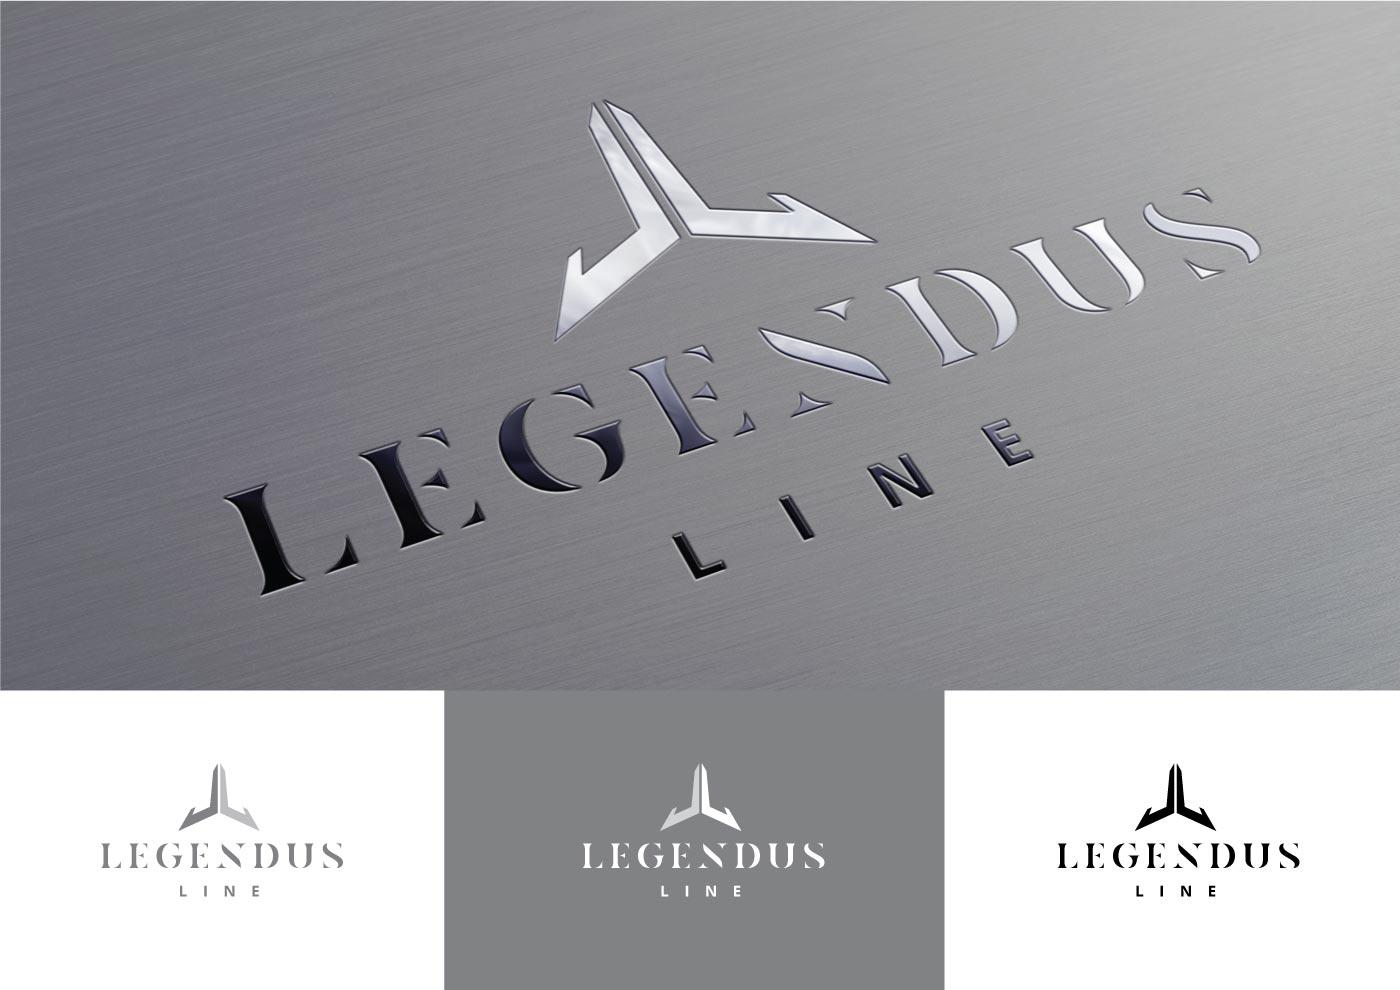 Логотип для линии по производству лаваша LEGENDUS